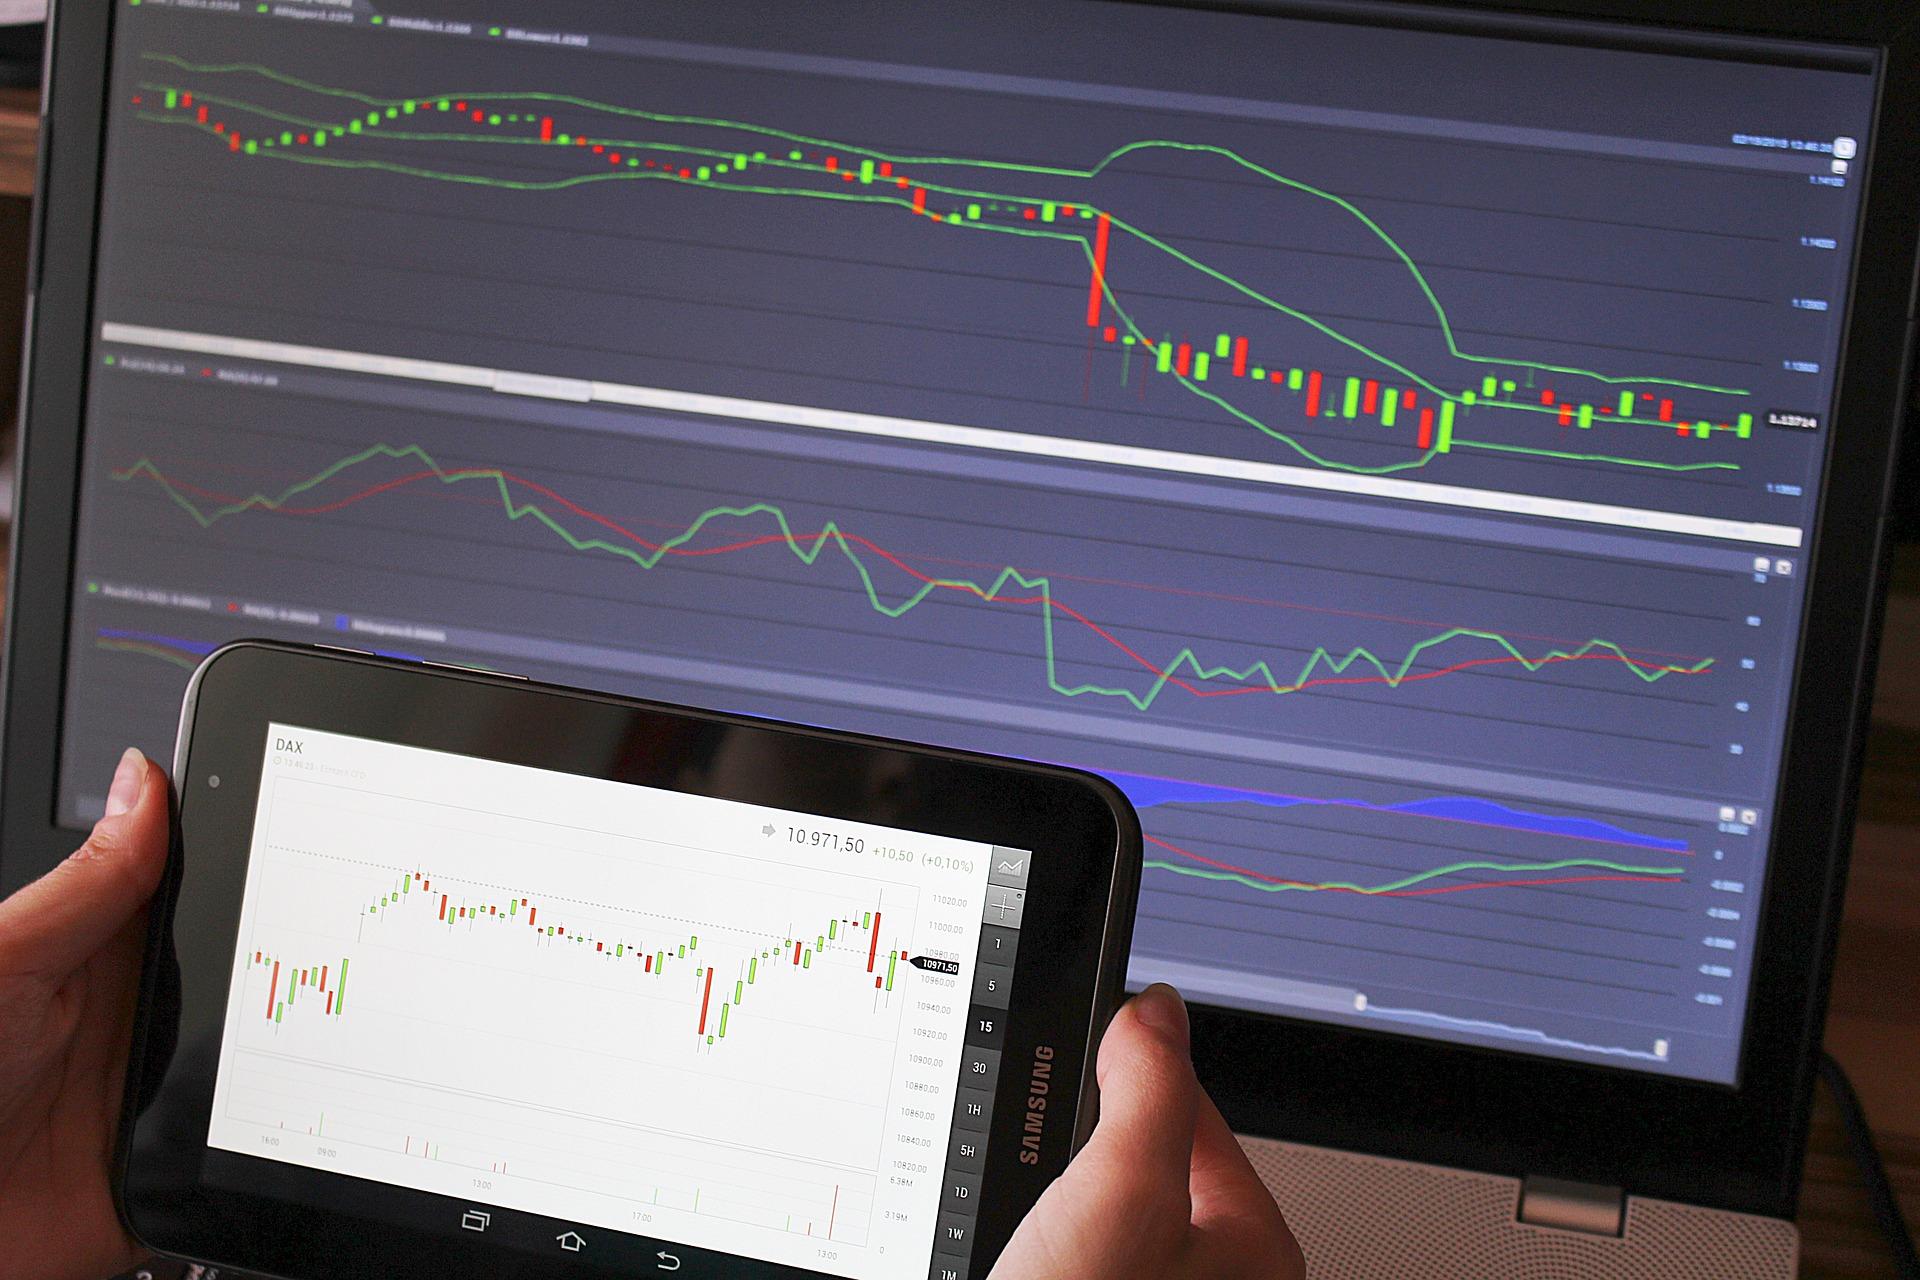 Ganar dinero invirtiendo en criptomonedas, trading